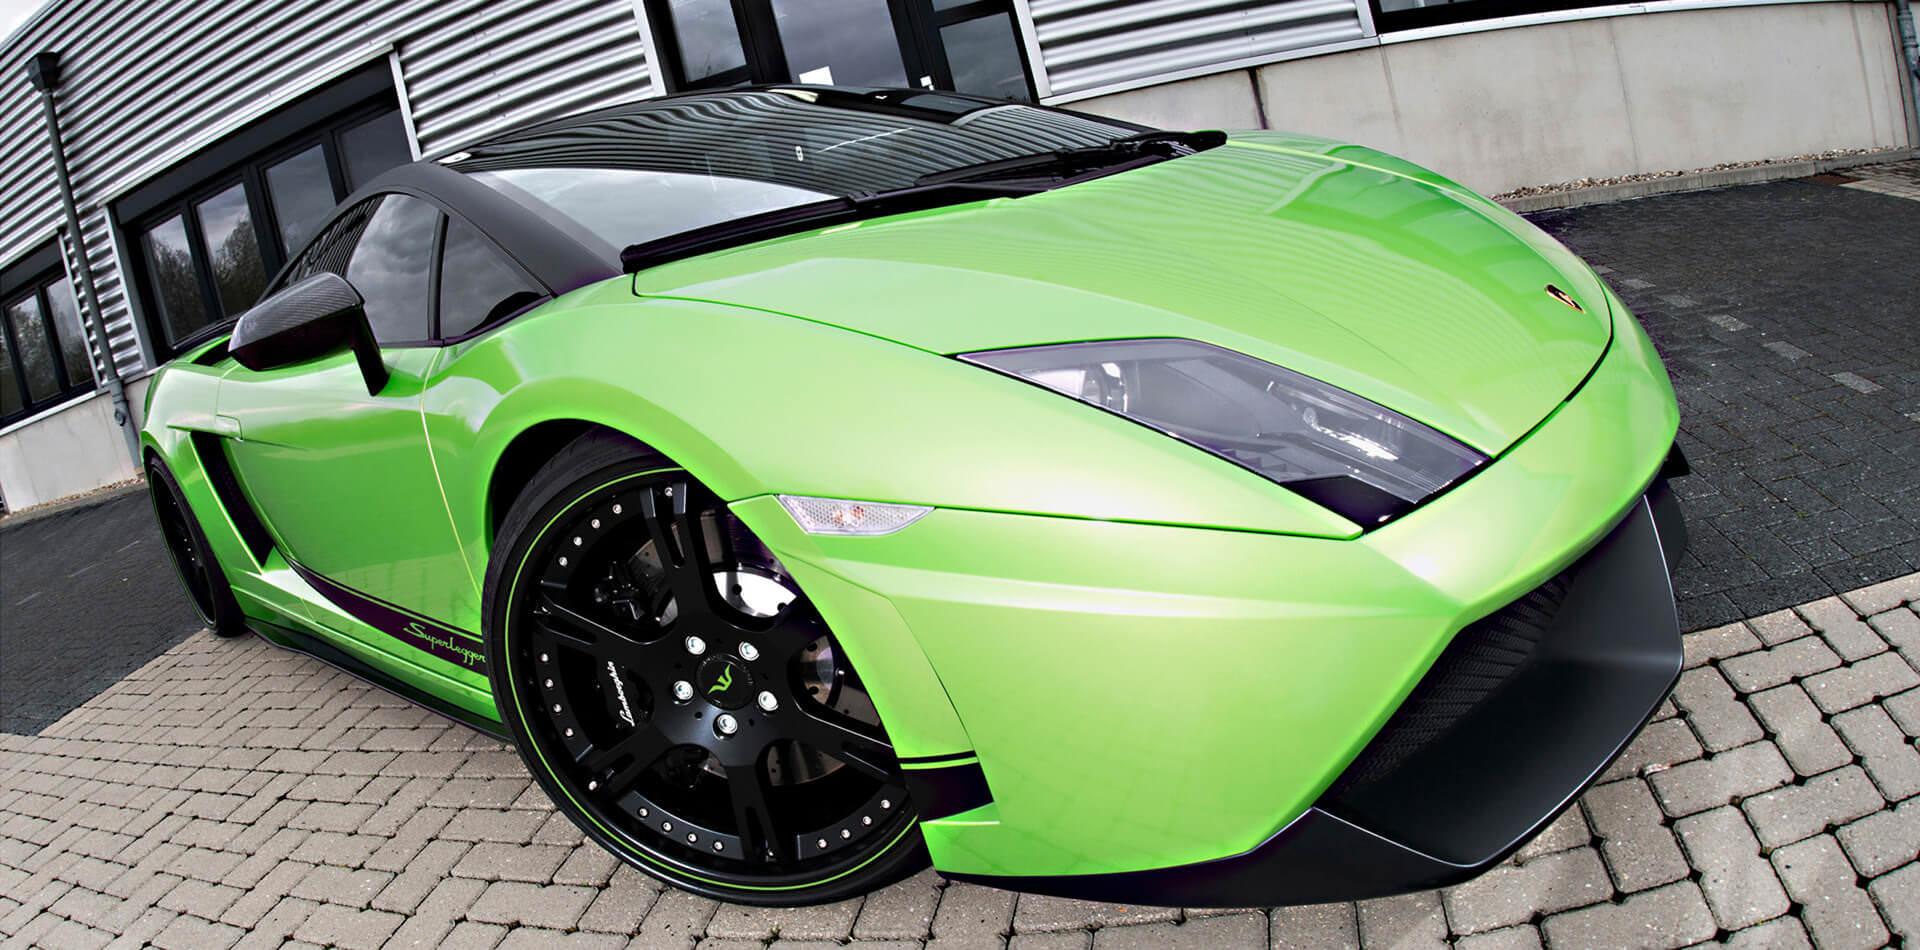 Superleggera Felgen für Lamborghini in 20Zoll in mattschwarz